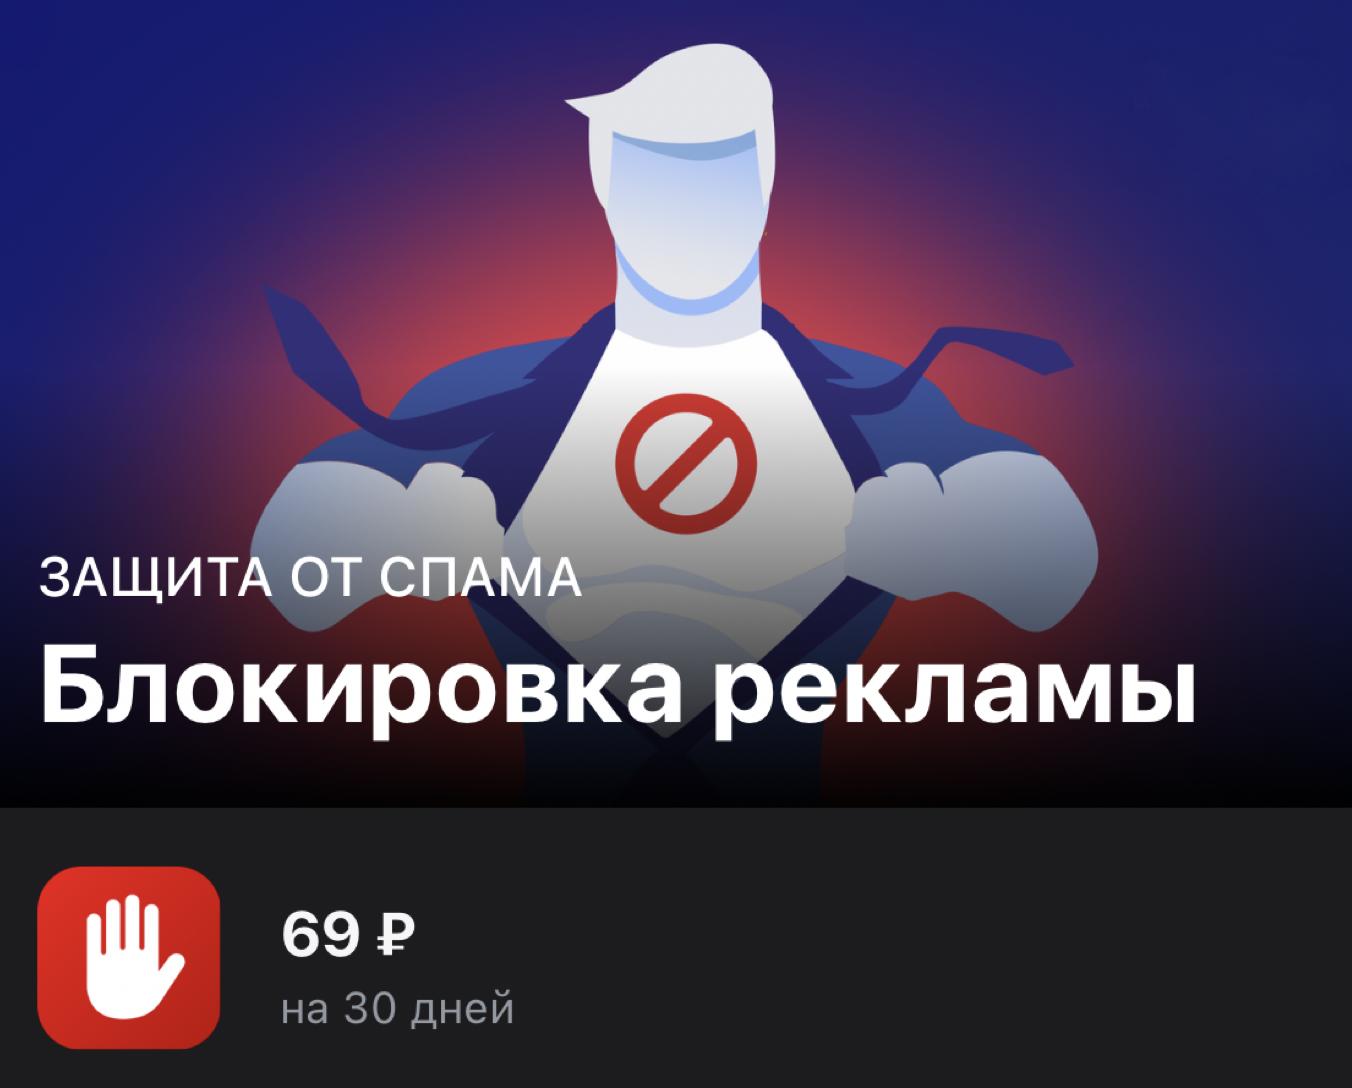 Тинькофф Мобайл запустил сервис для блокировки рекламы в интернете 1